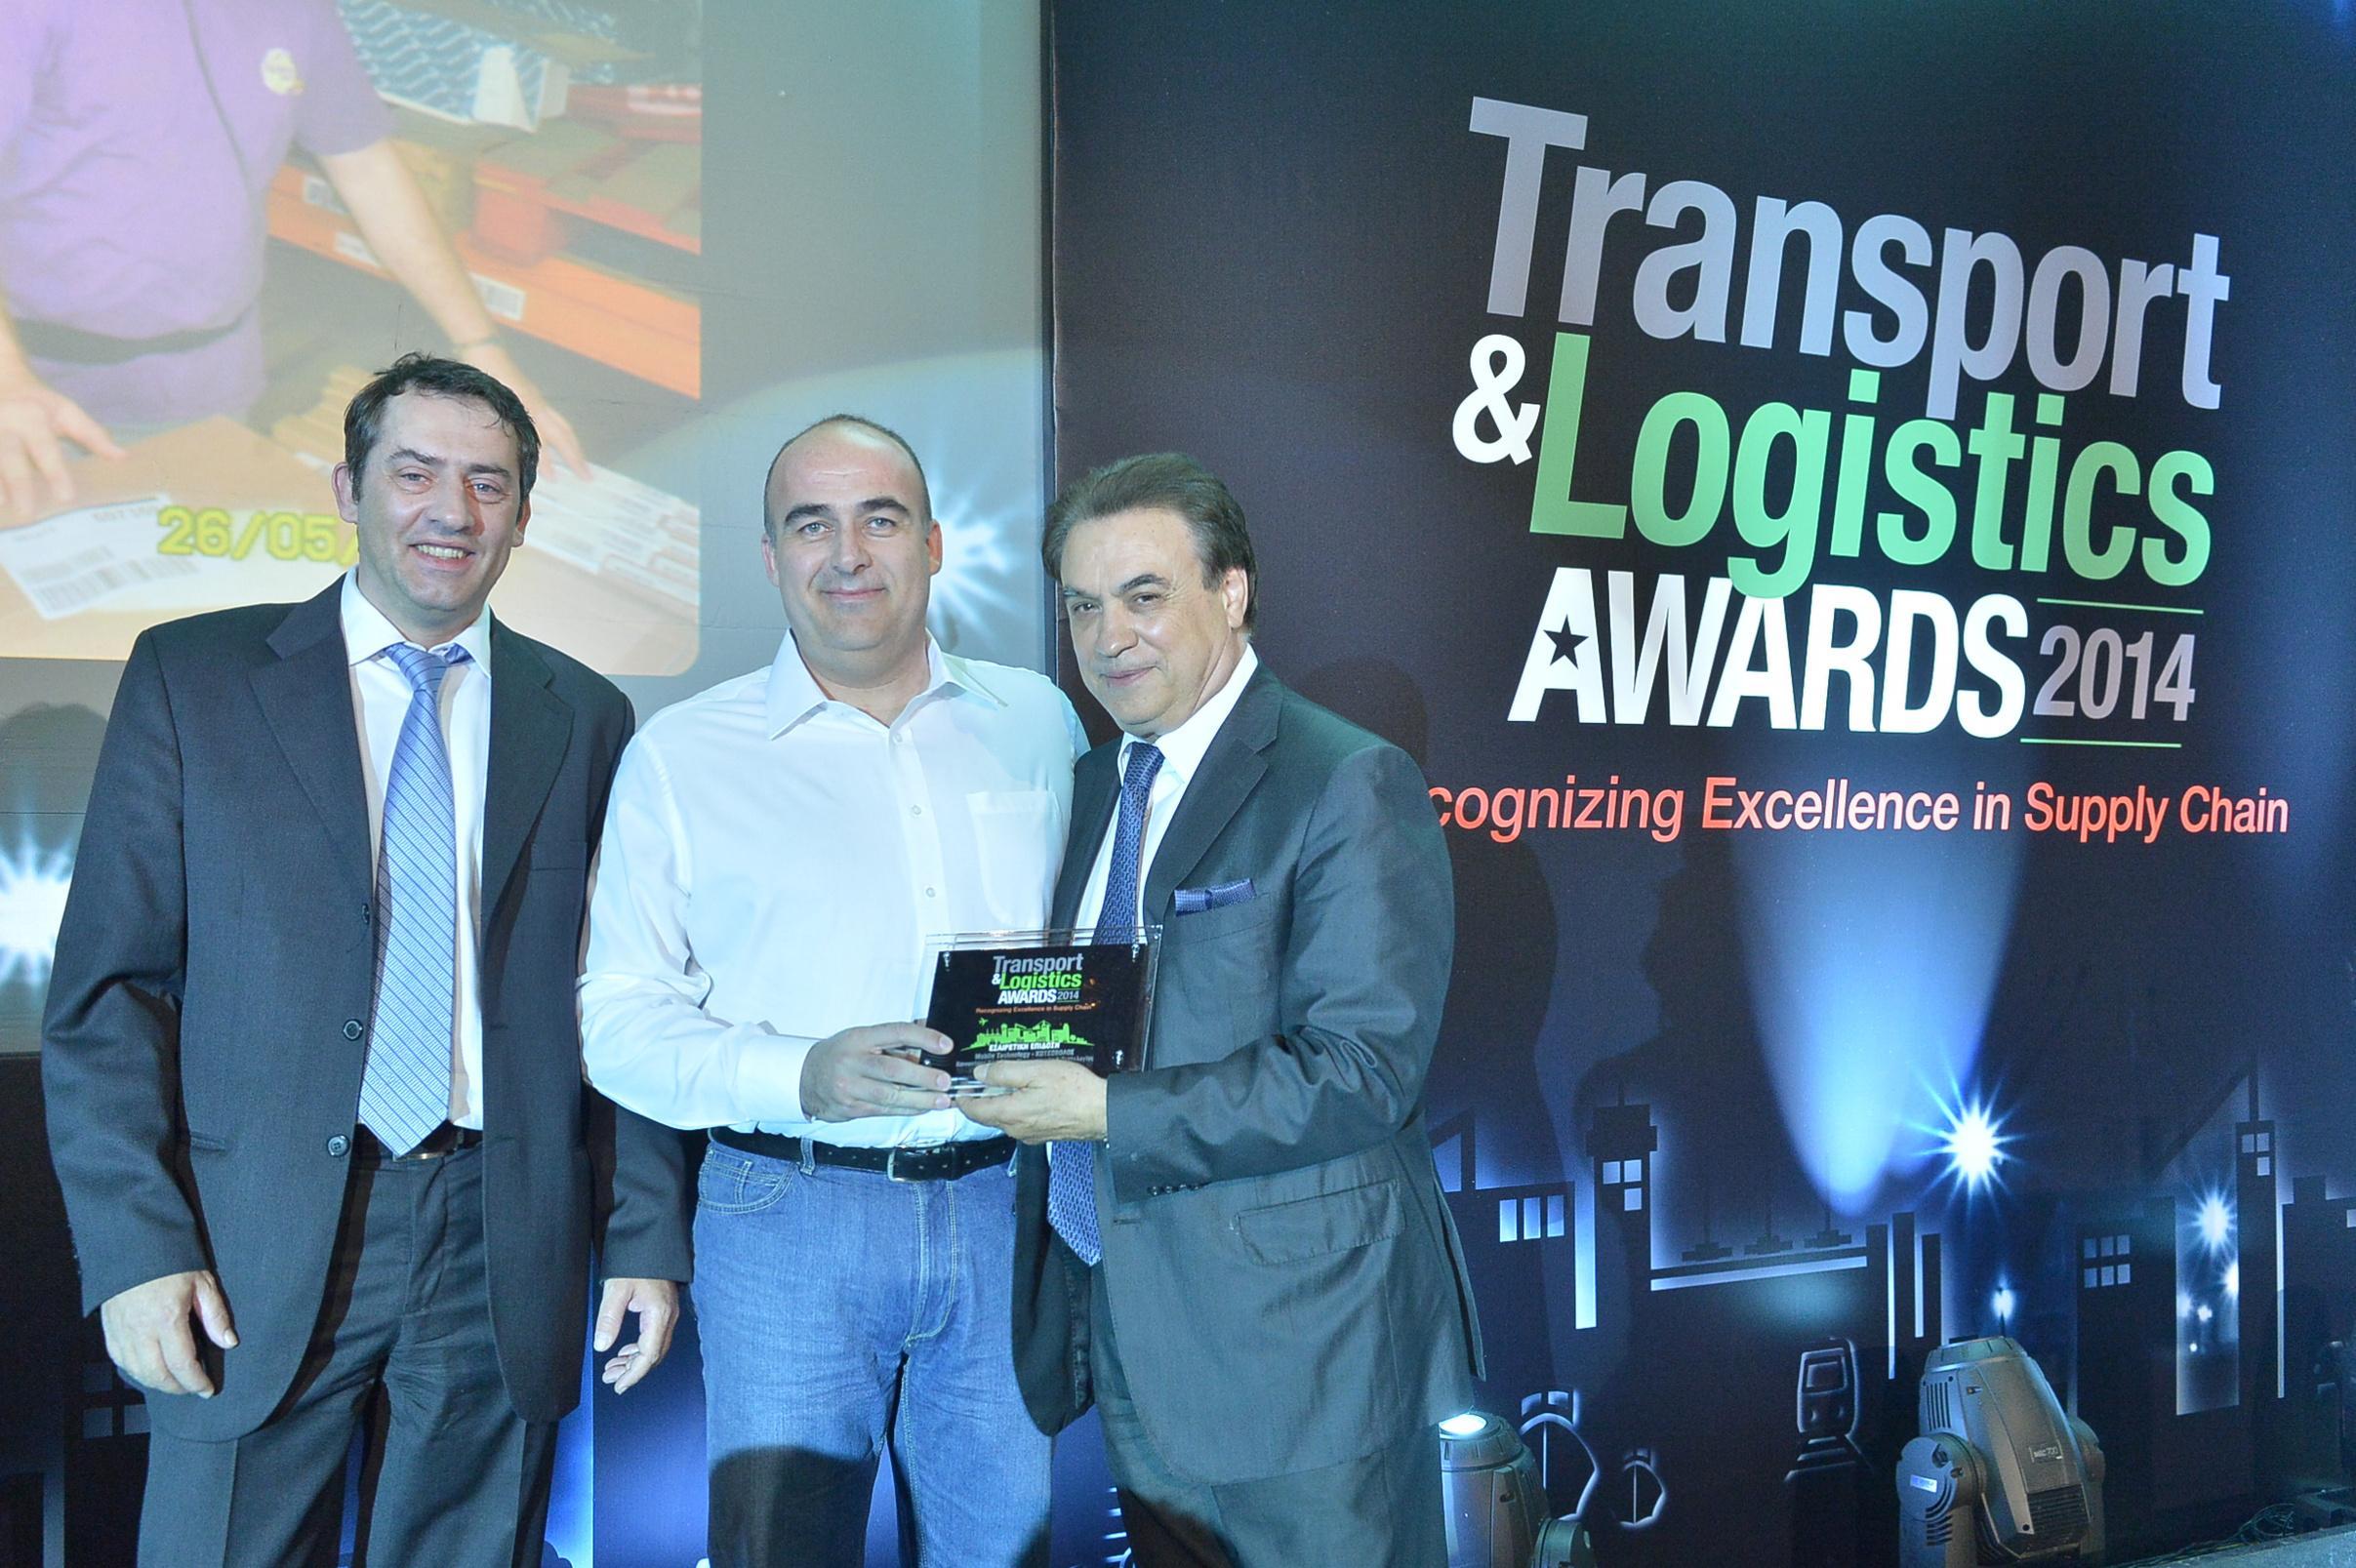 Διάκριση για την Κωτσόβολος στα Transport & Logistics Awards